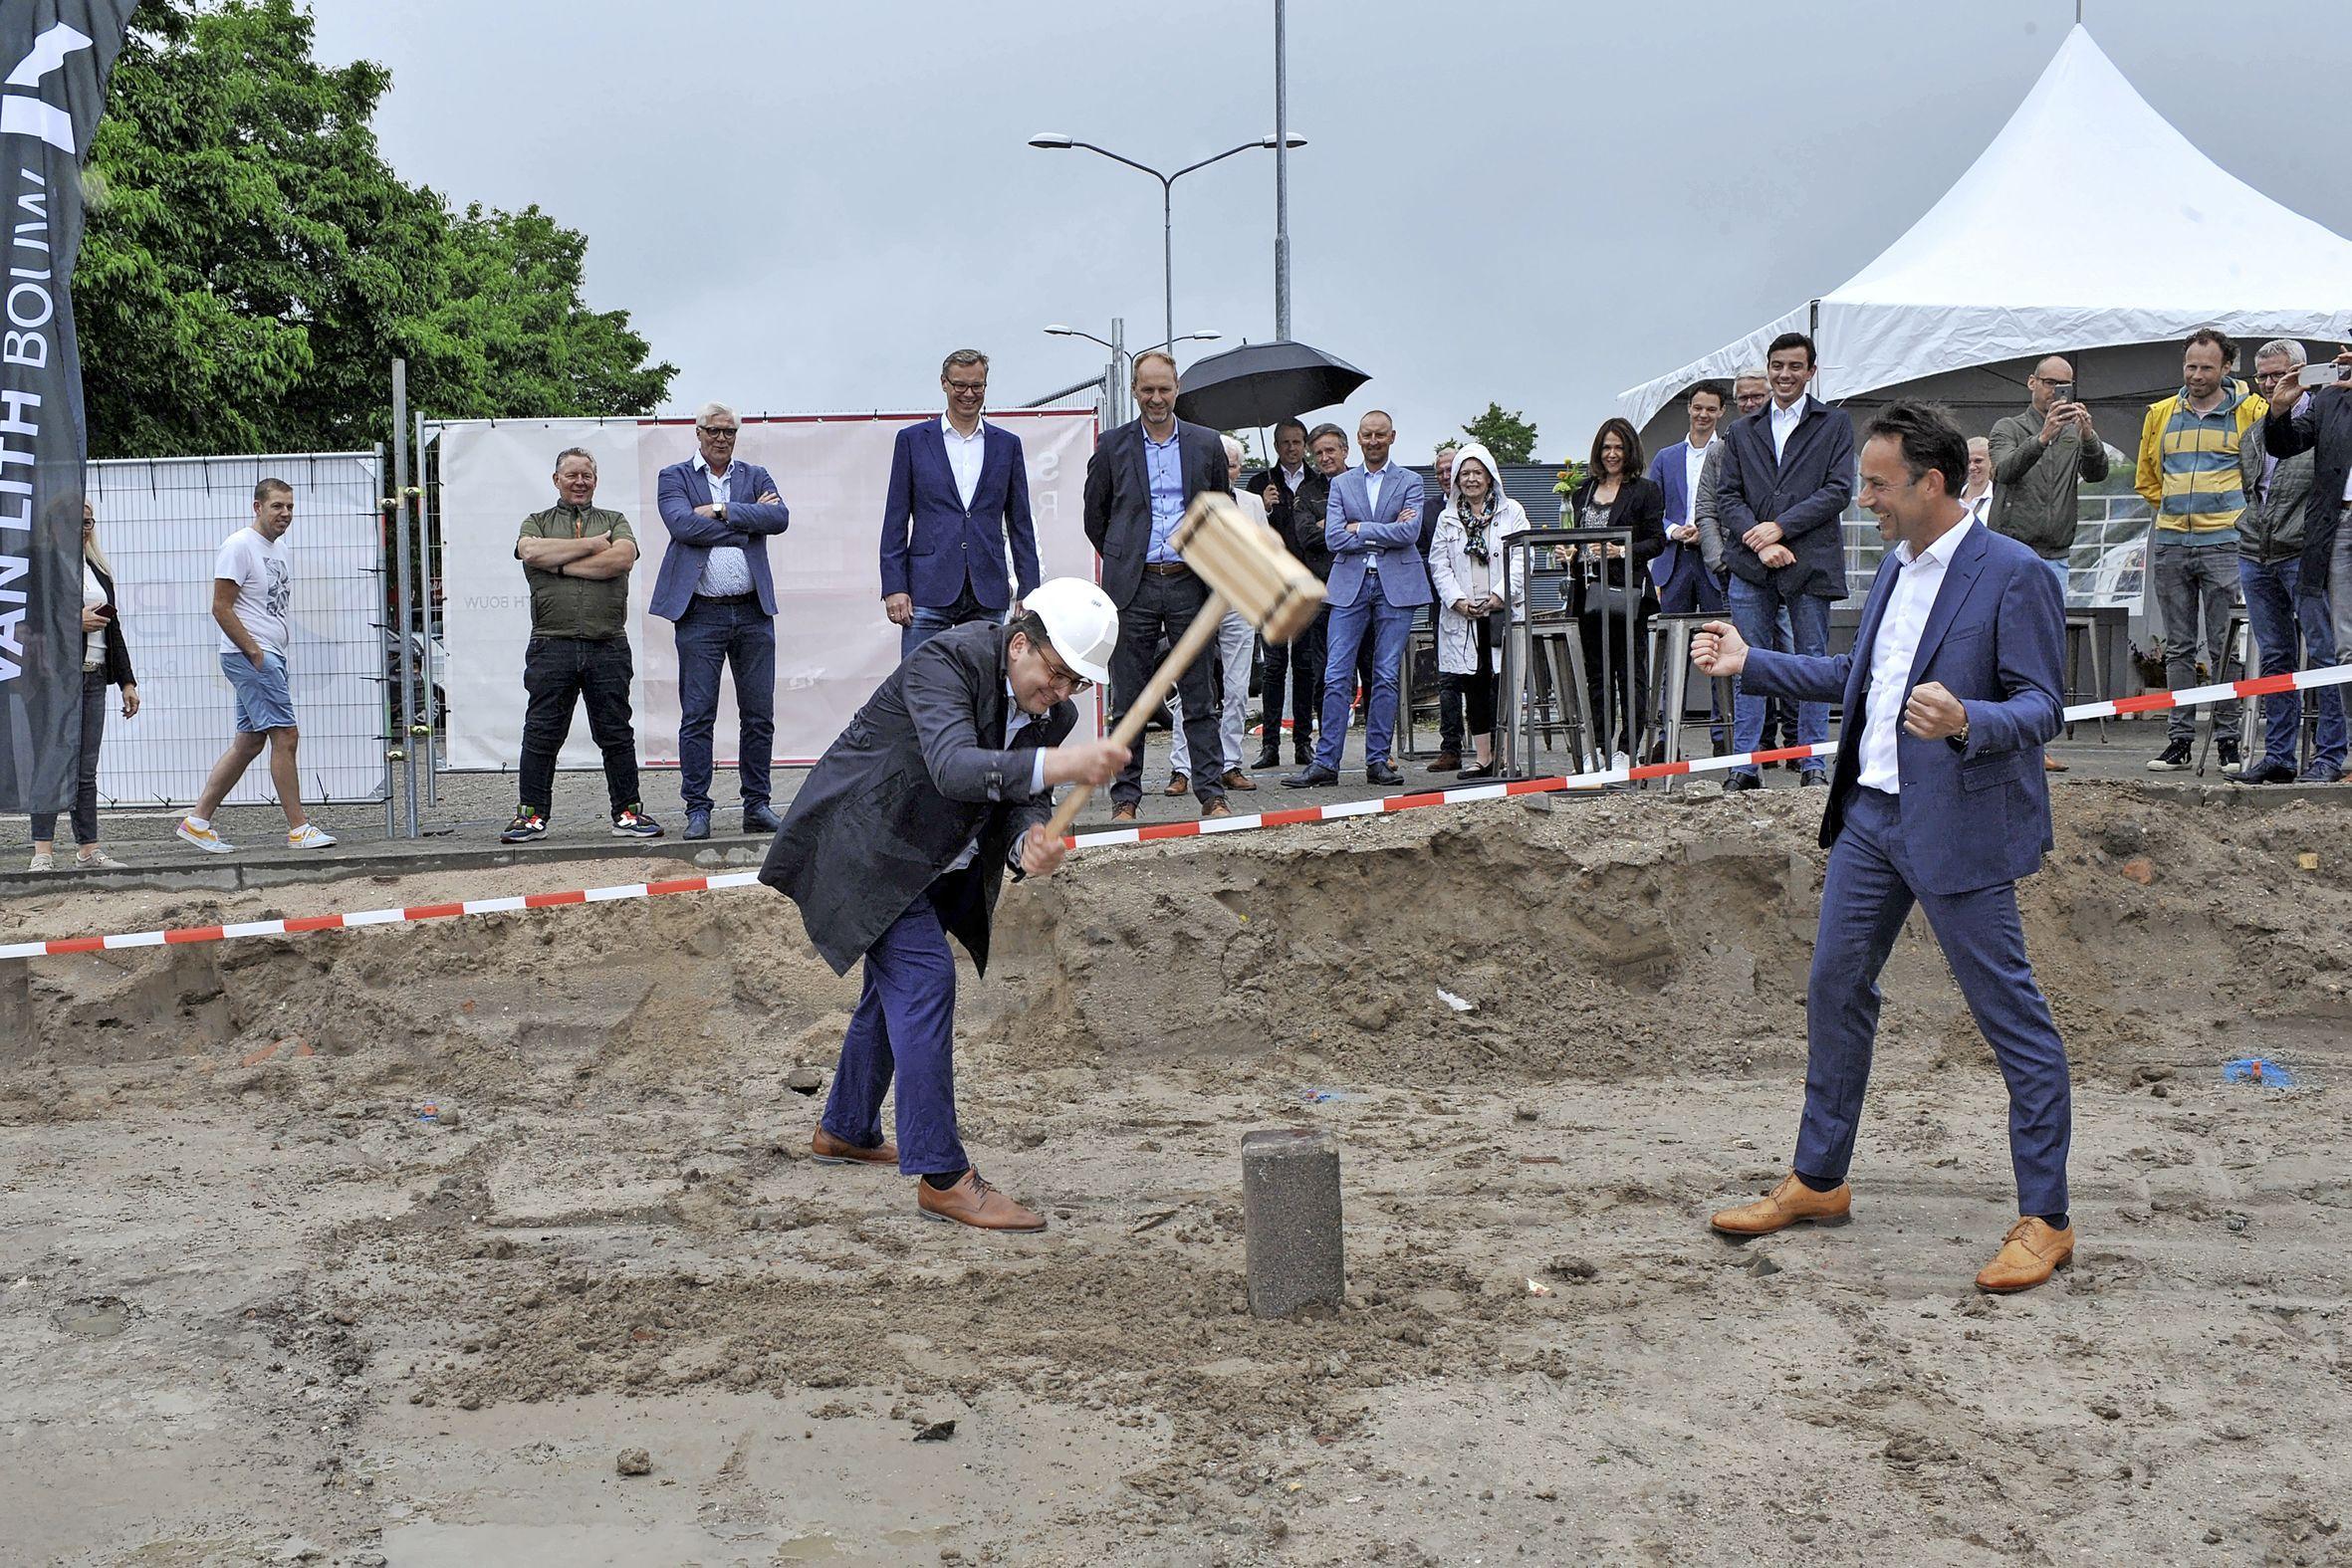 Bijna vijftig nieuwe woningen voor starters en doorstromers. Bouw aan Jan de Windstraat in Beverwijk officieel gestart. 'Het is heel compact, maar alles zit erin'